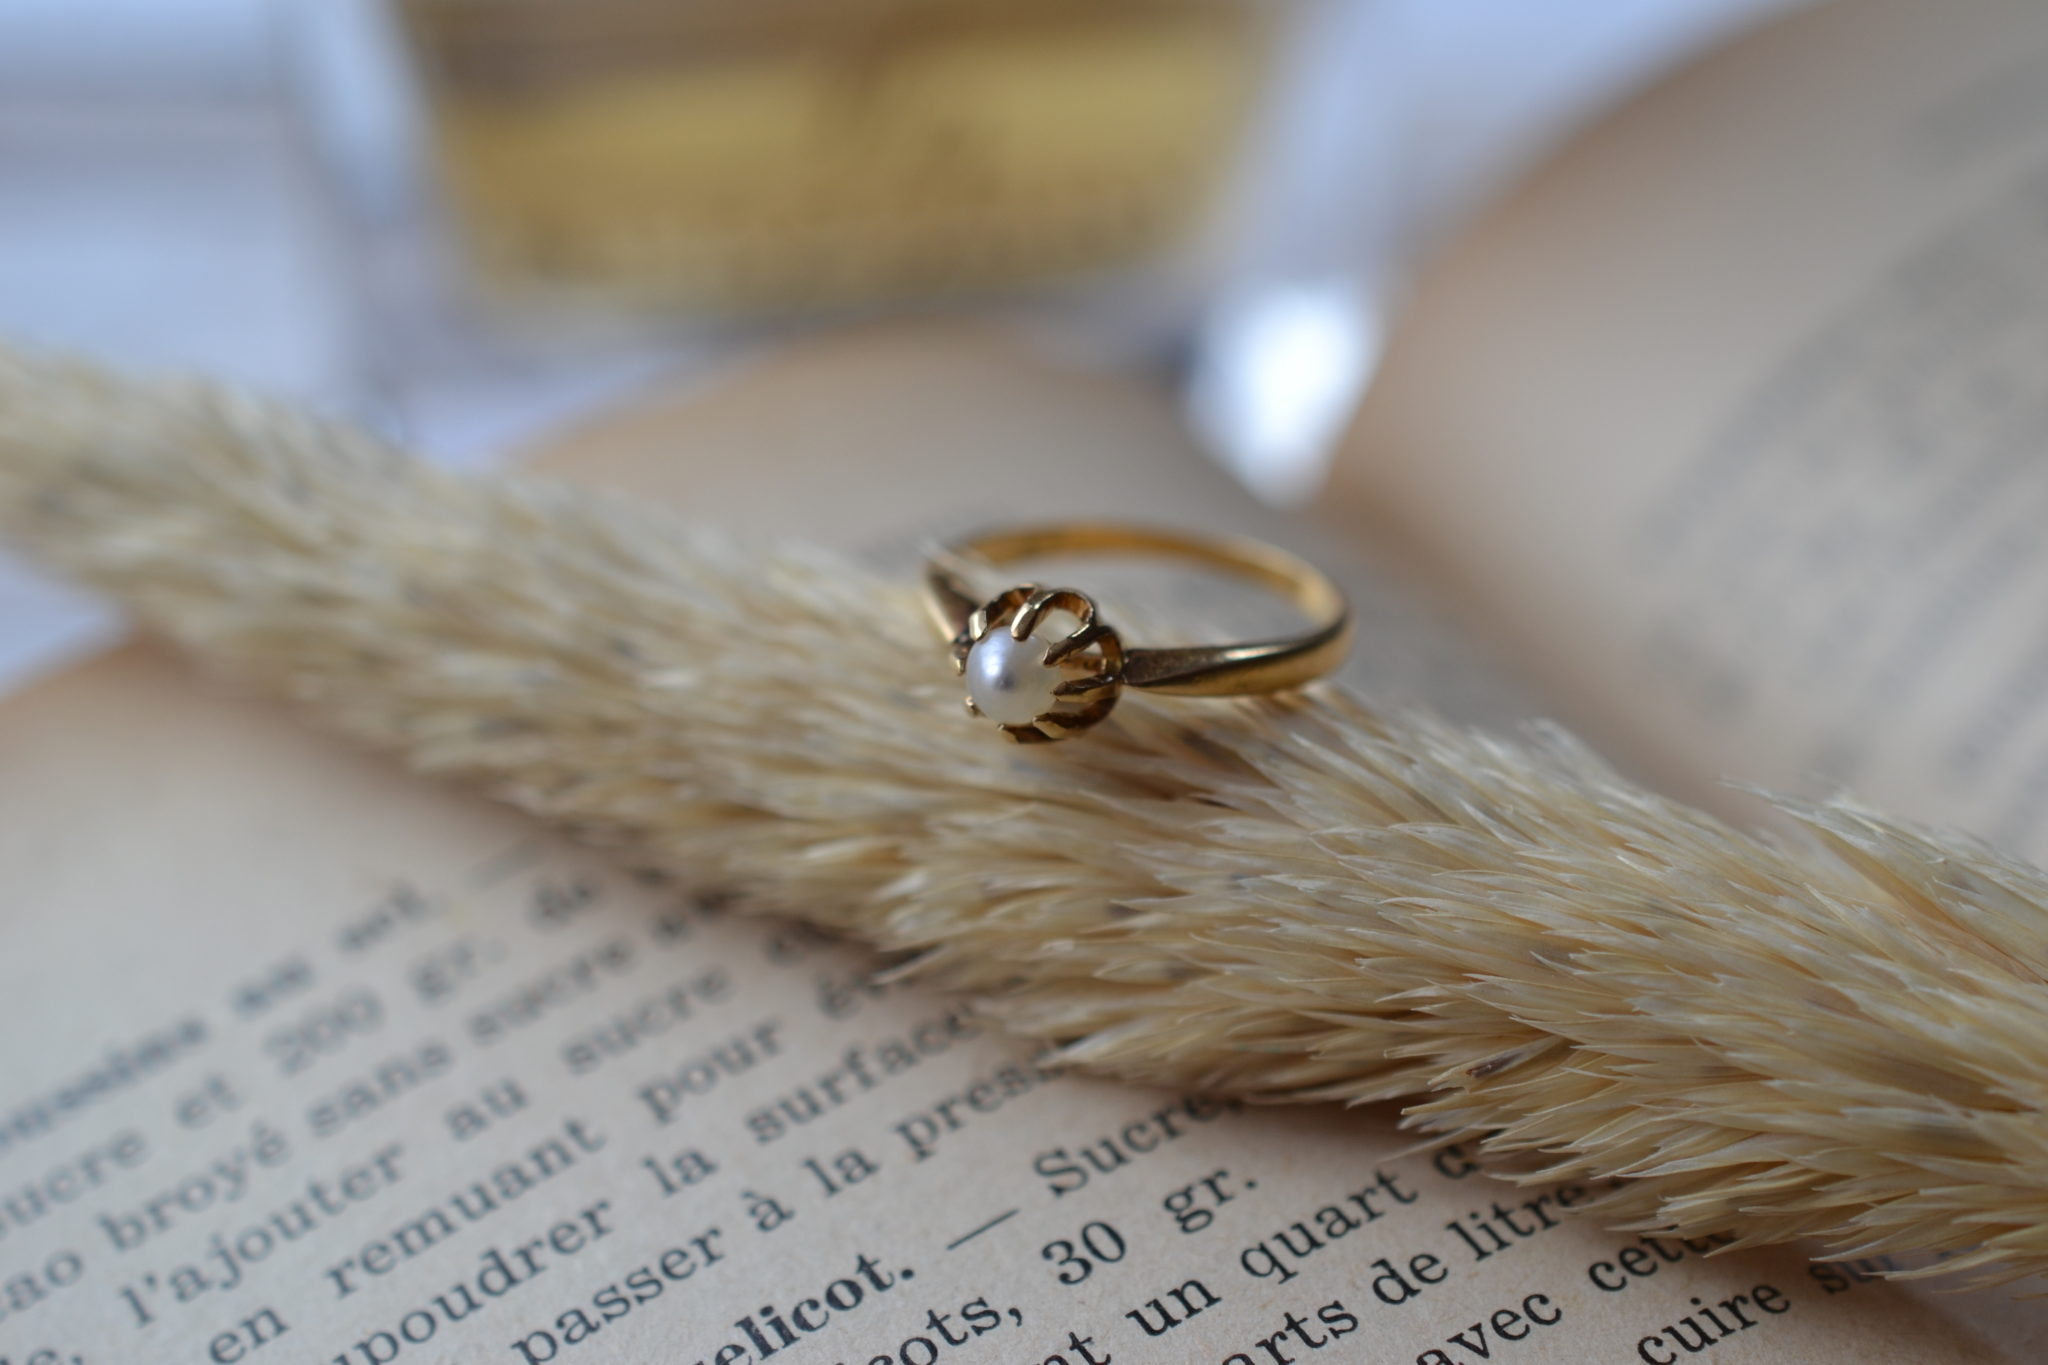 Bague Solitaire en Or jaune griffée d_une perle blanche - bague rétro